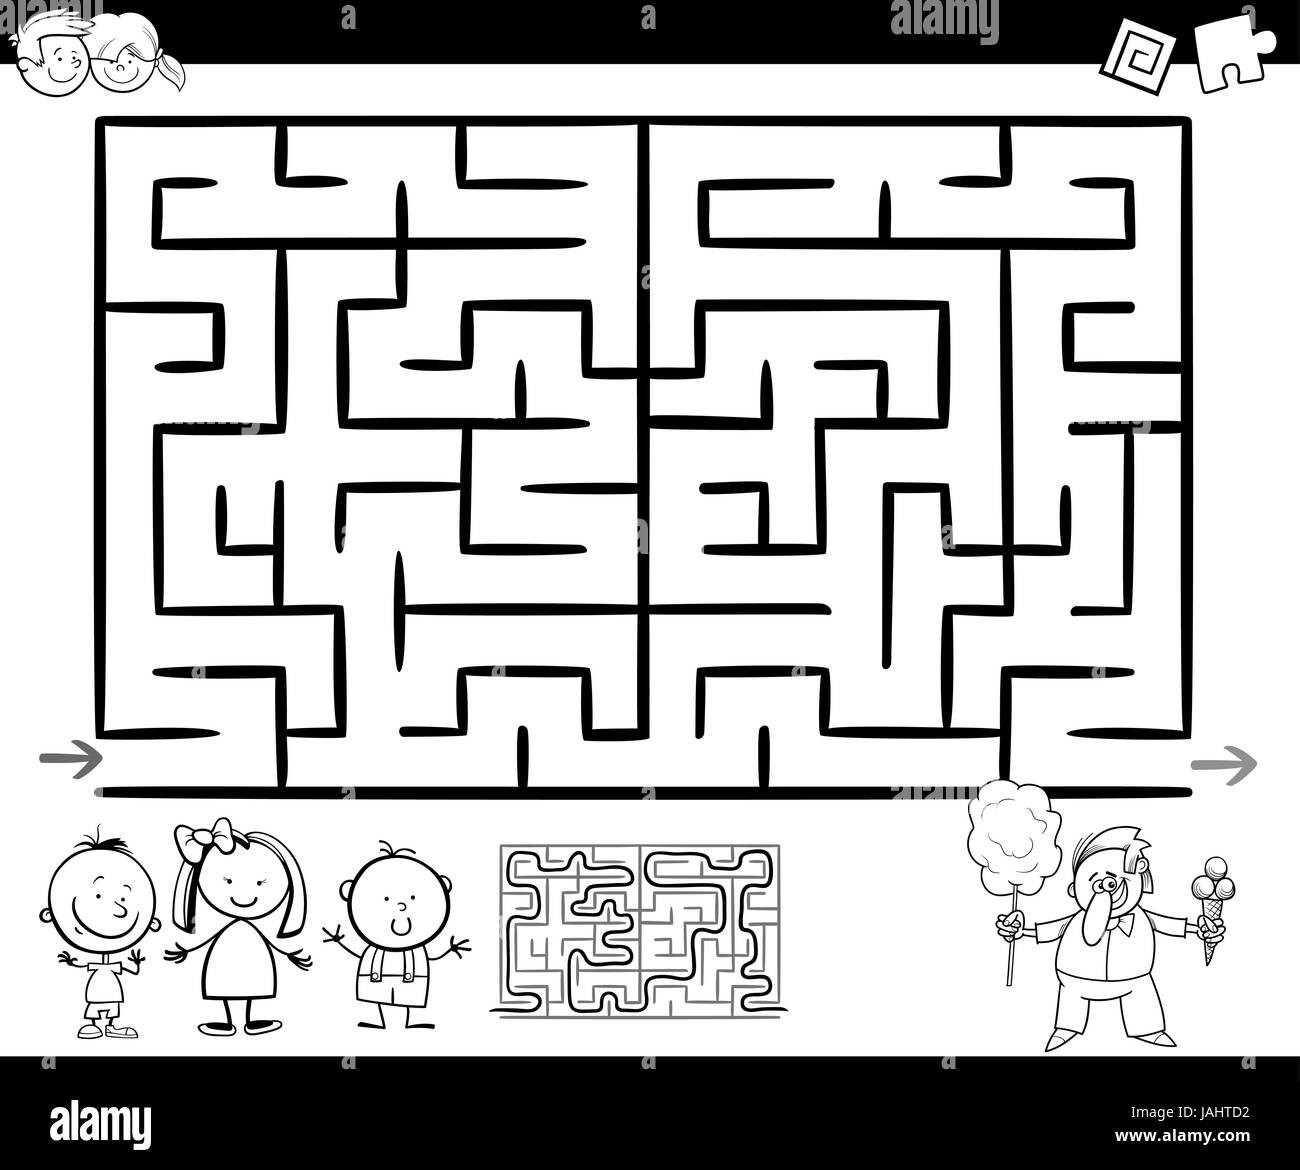 Ungewöhnlich Gefrorene Labyrinth Malvorlagen Bilder - Malvorlagen ...